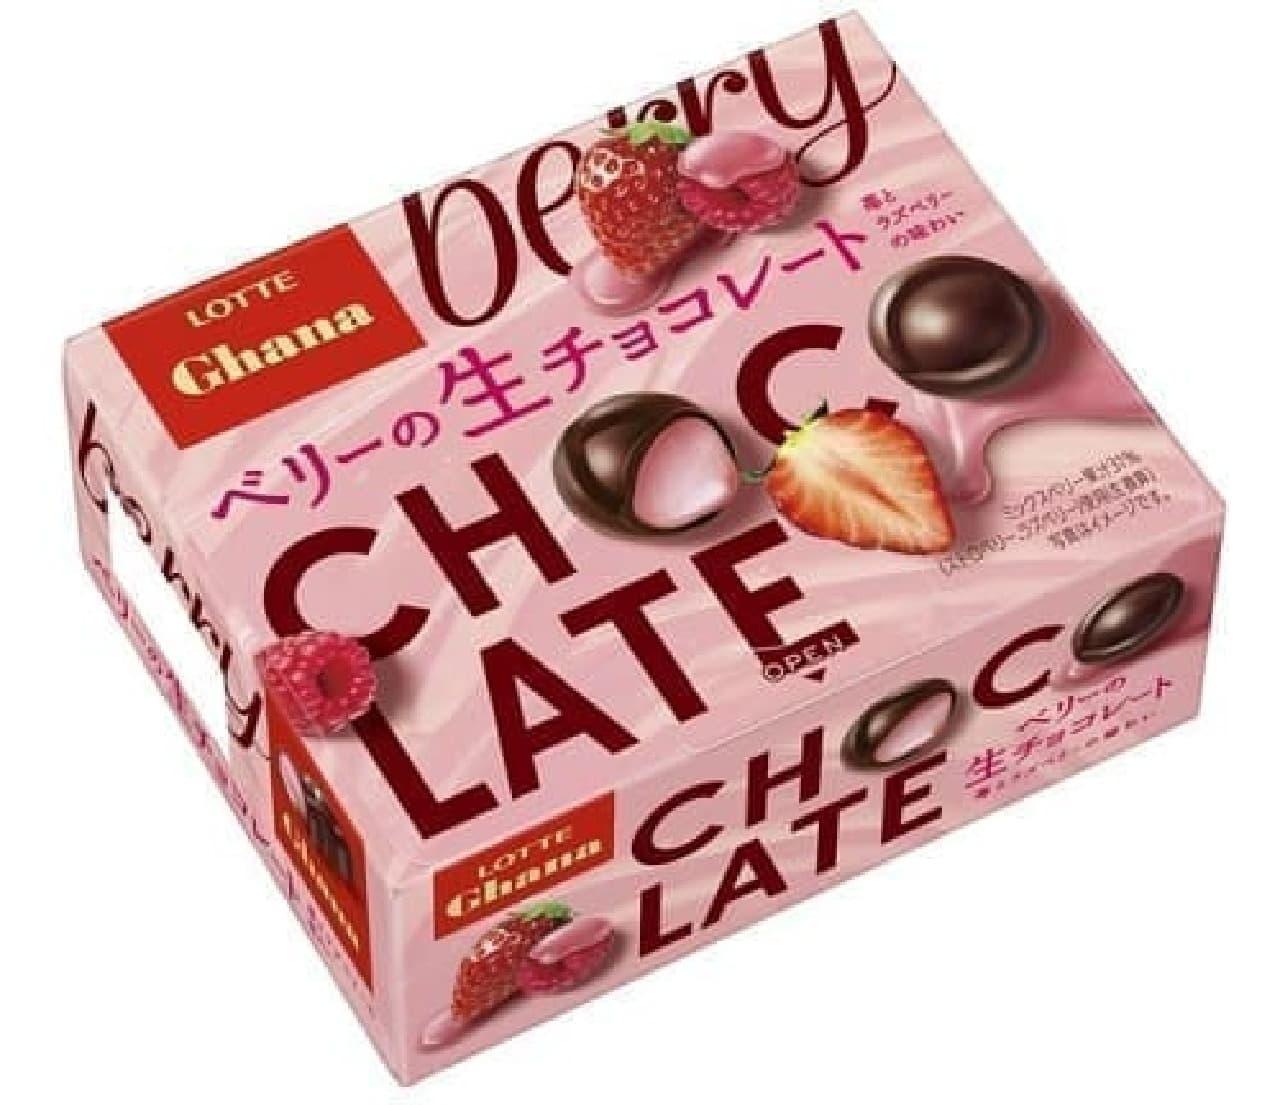 ガーナ<ベリーの生チョコレート>